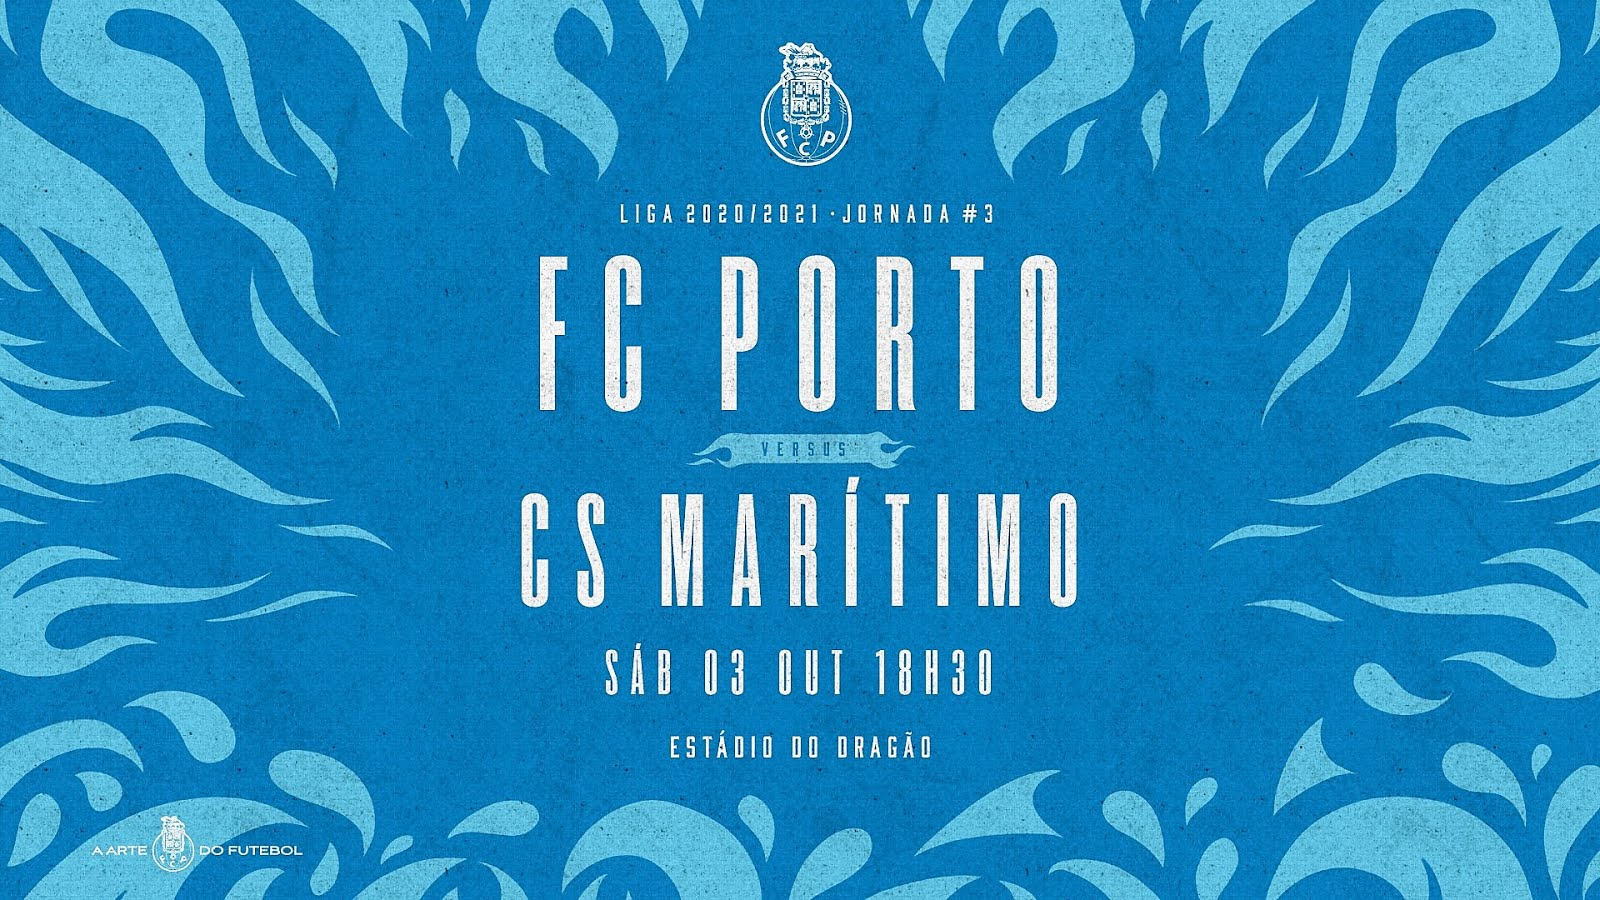 3 de outubro, 18h30: Porto